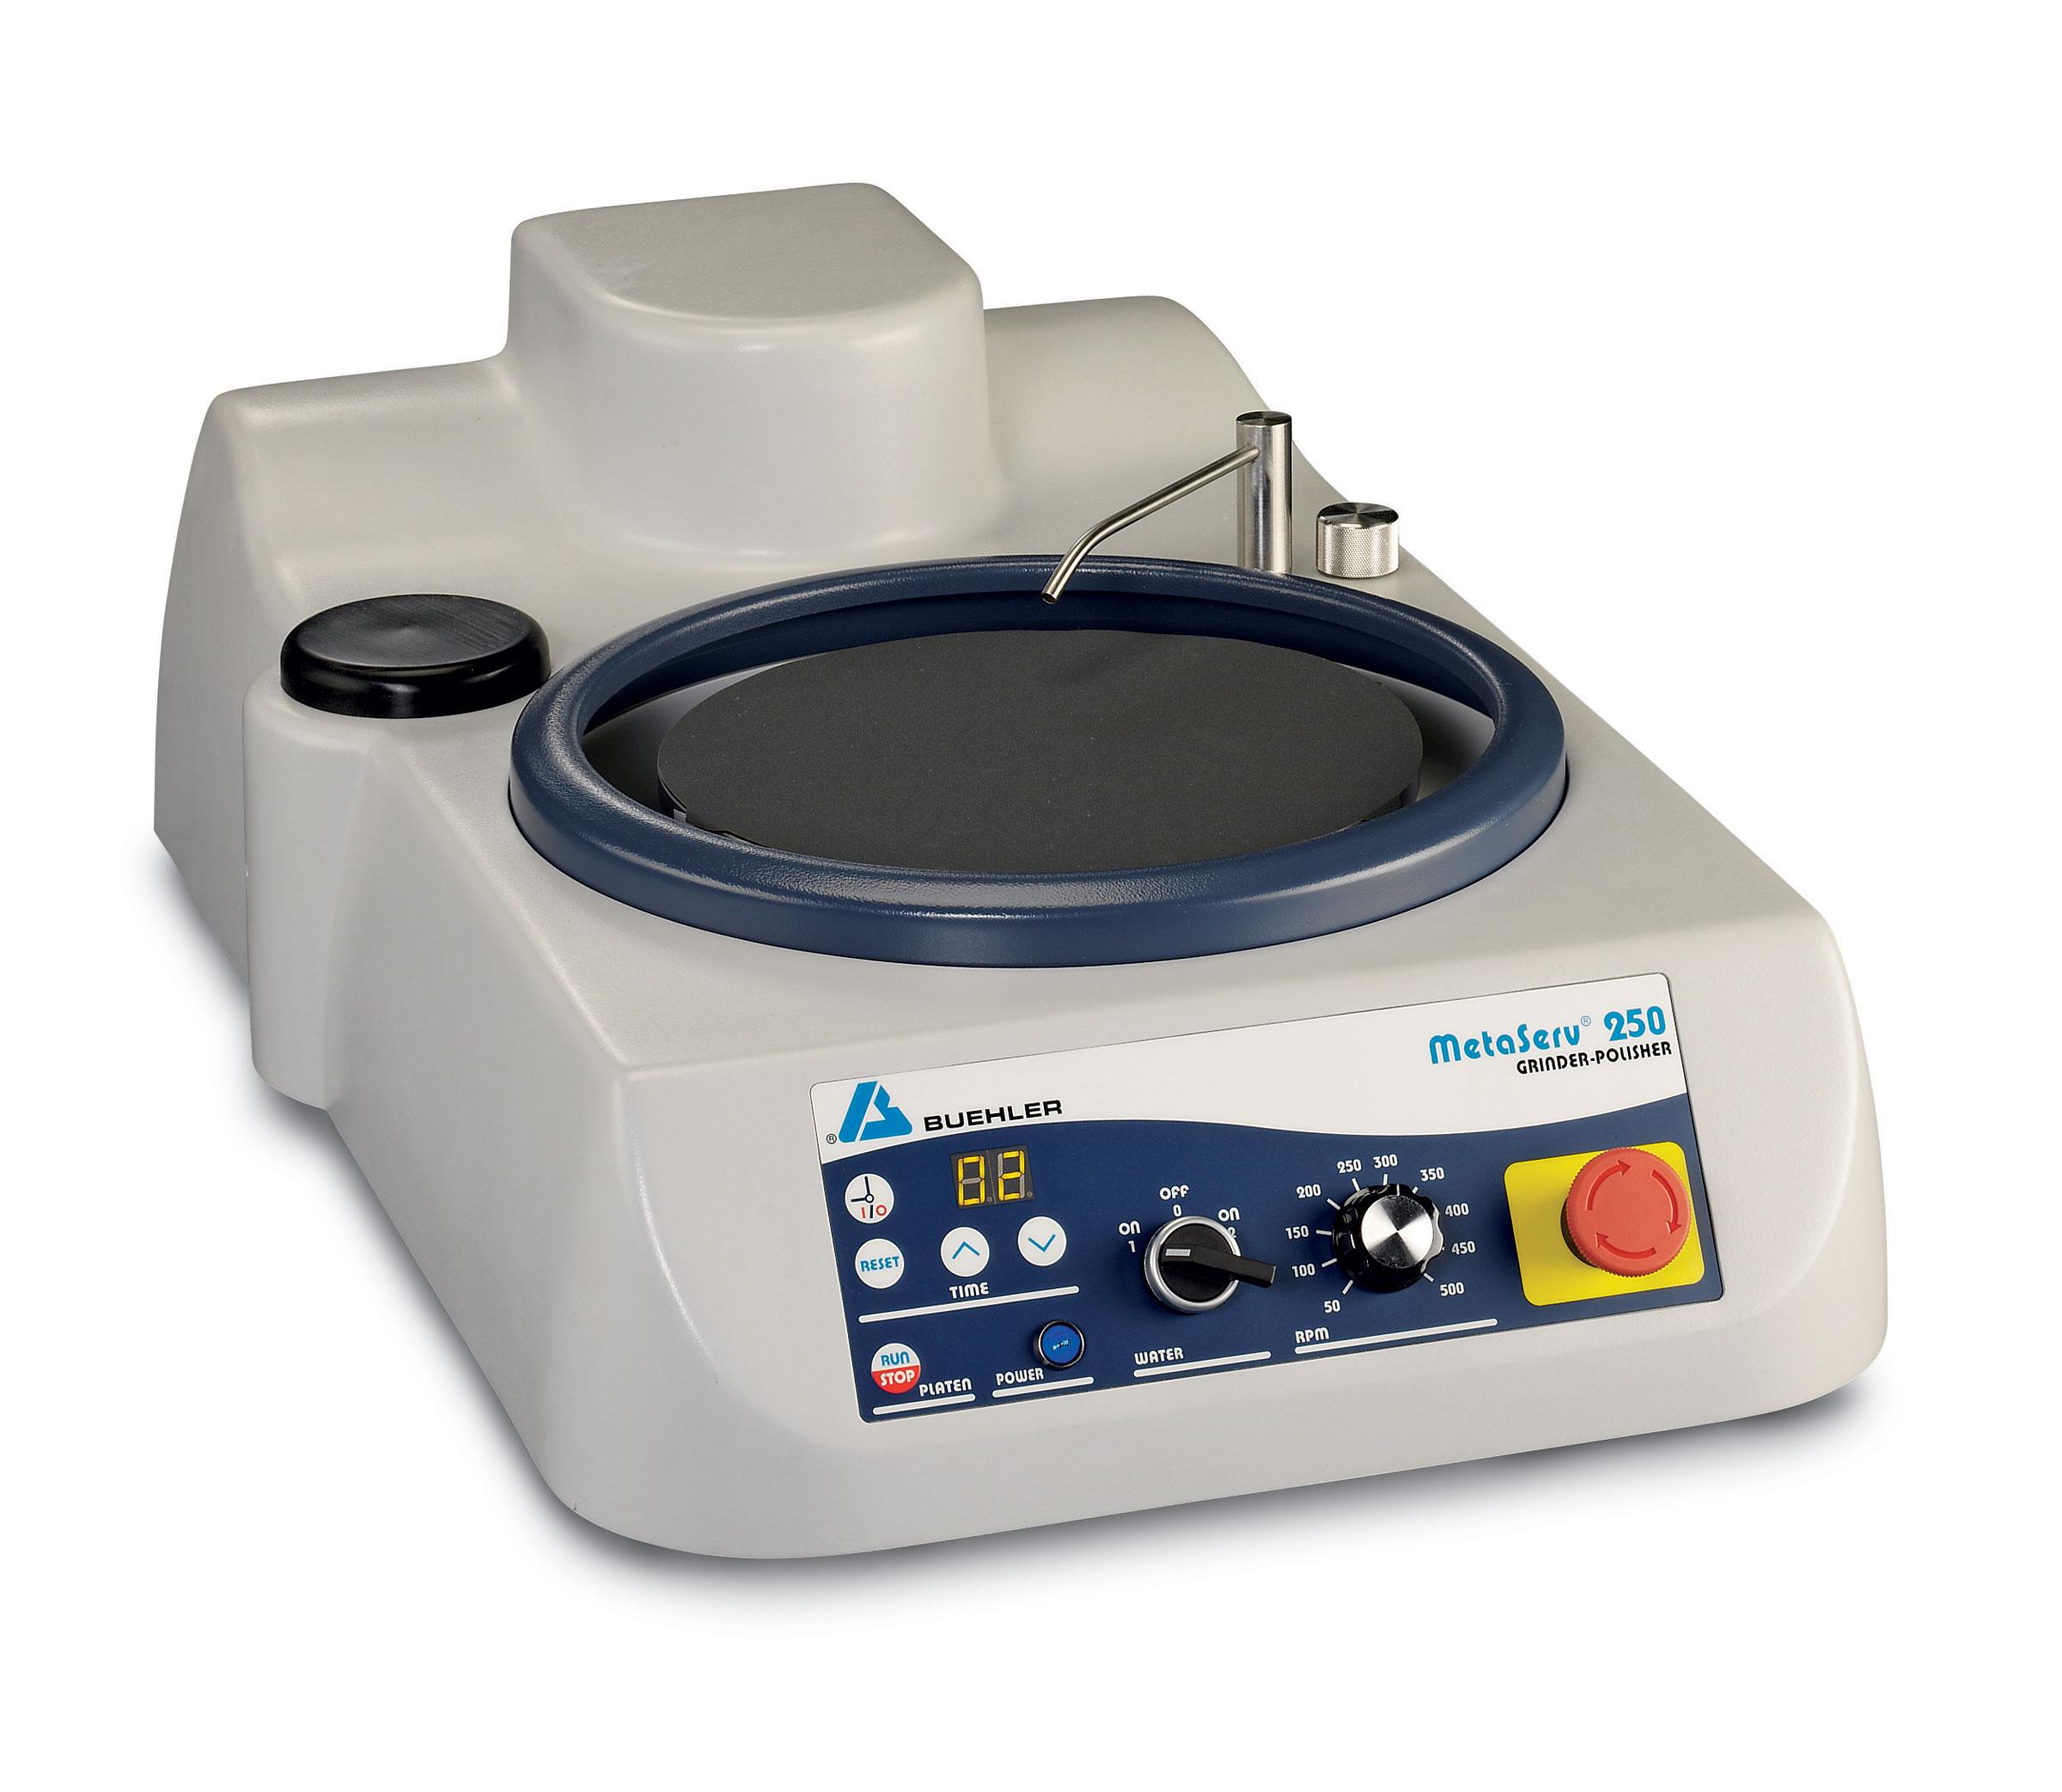 MetaServ 250 Single kézi csiszoló-polírozó gép